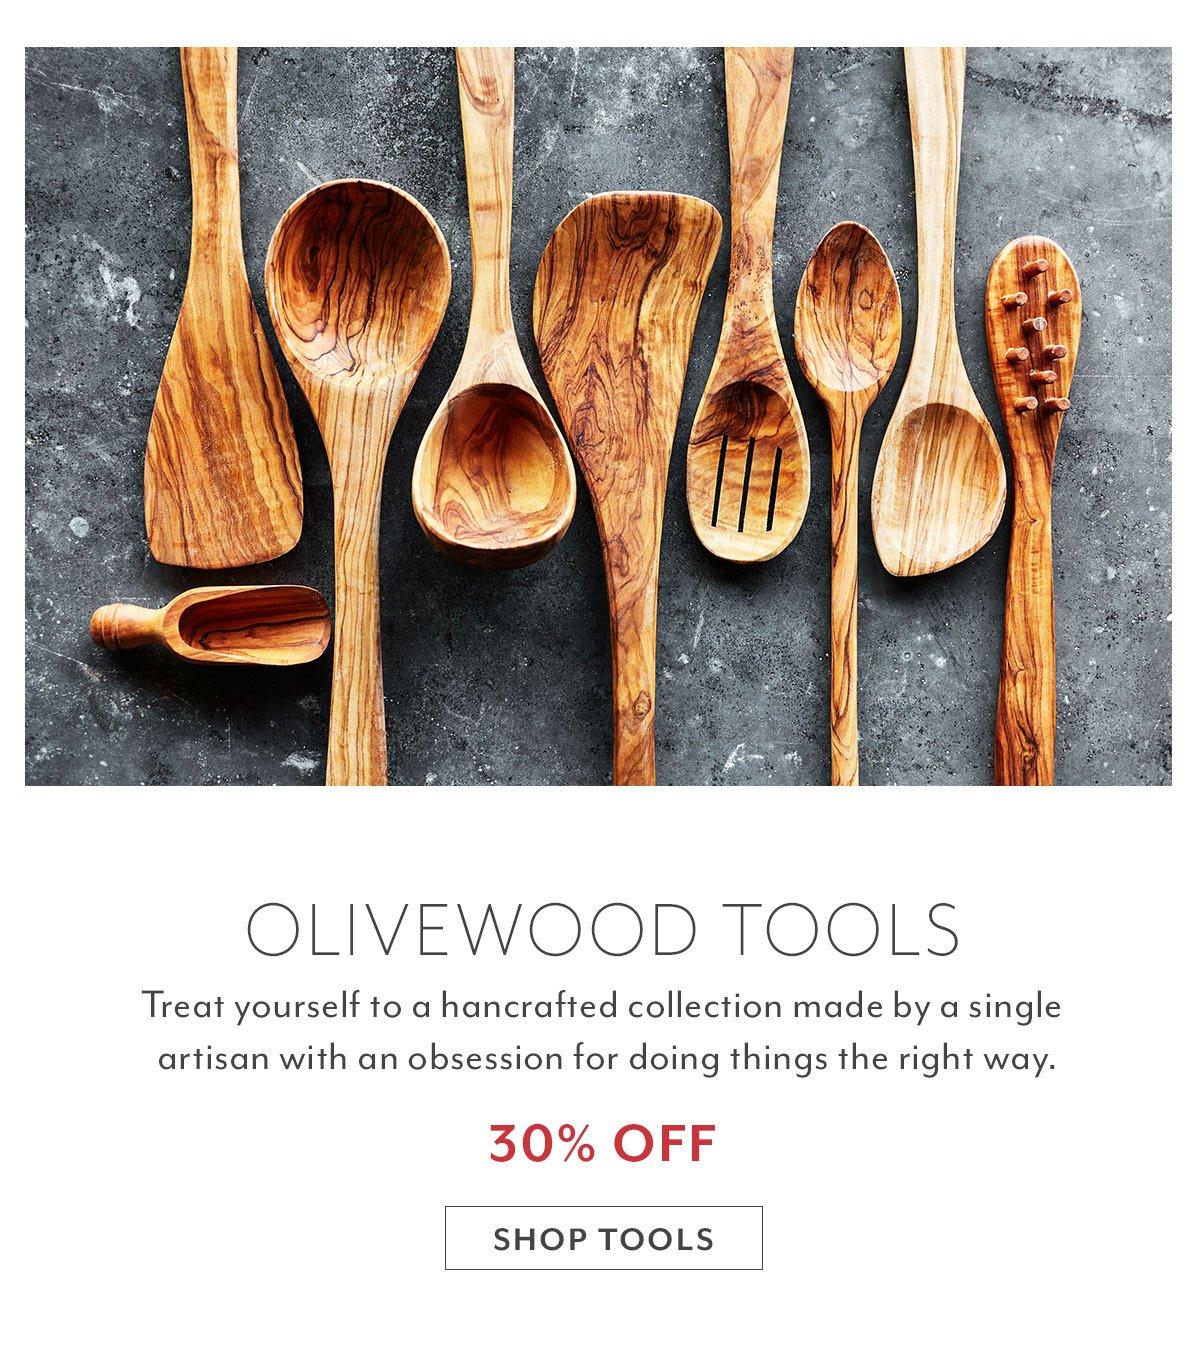 Olivewood Tools